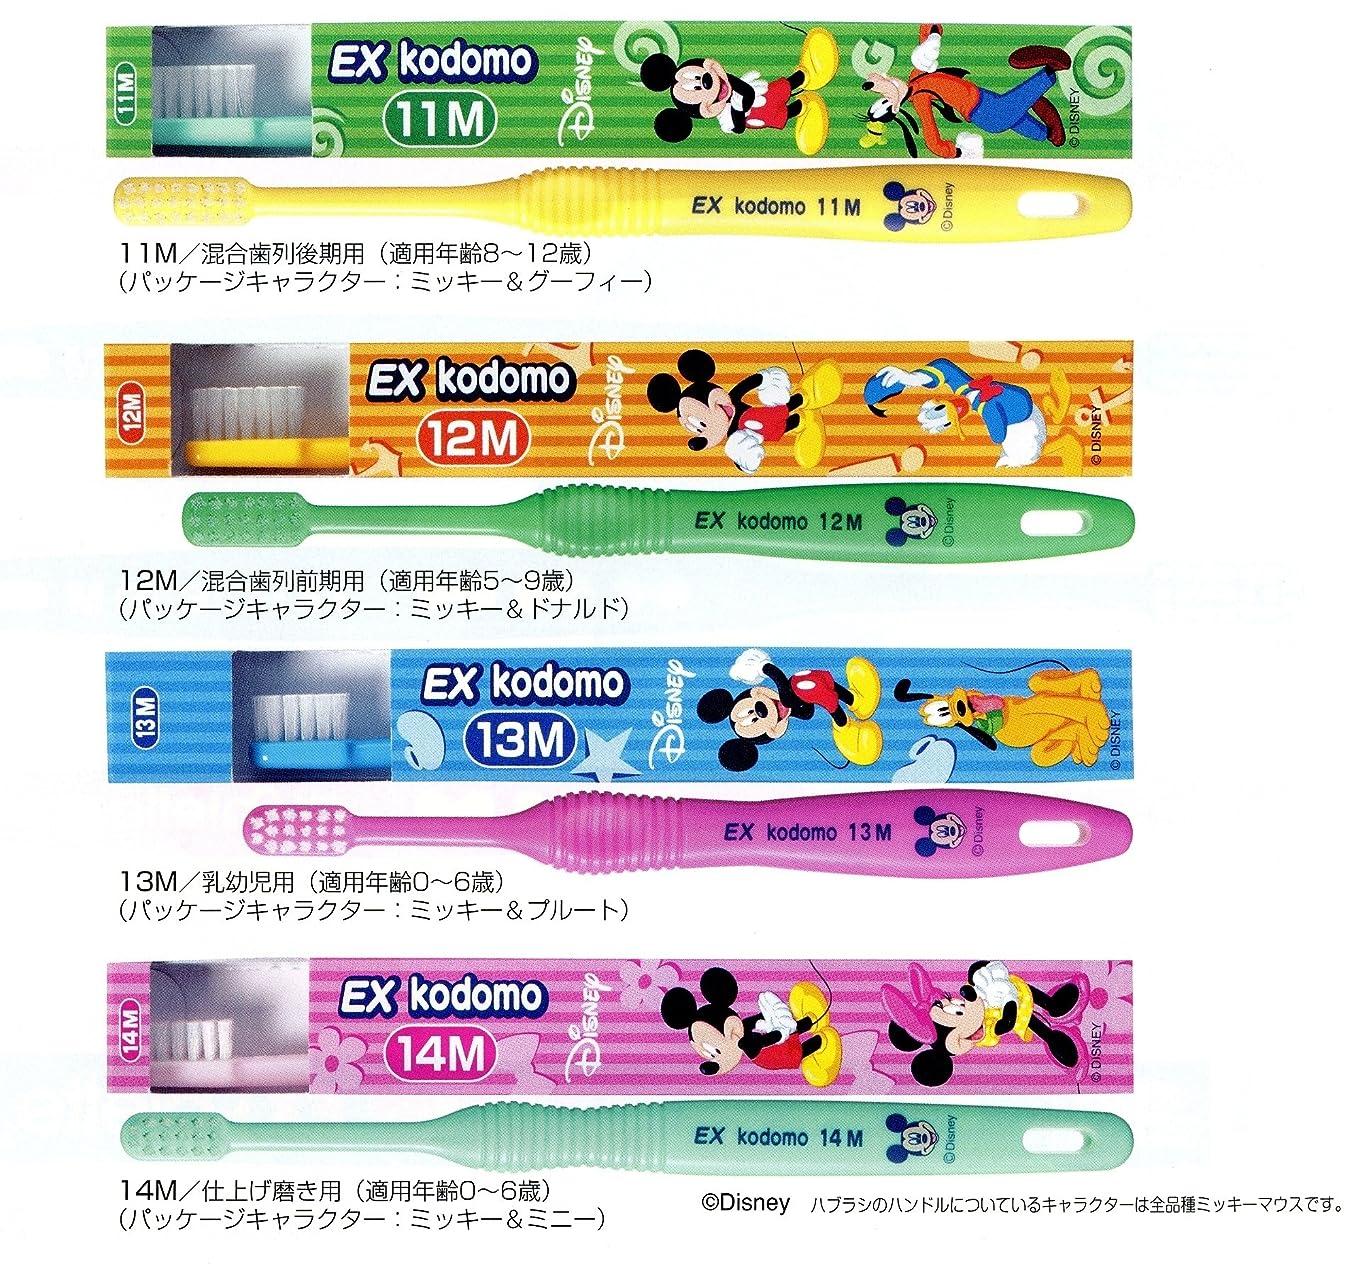 ミシン値百年ライオン コドモ ディズニー DENT.EX kodomo Disney 1本 11M イエロー (8?12歳)